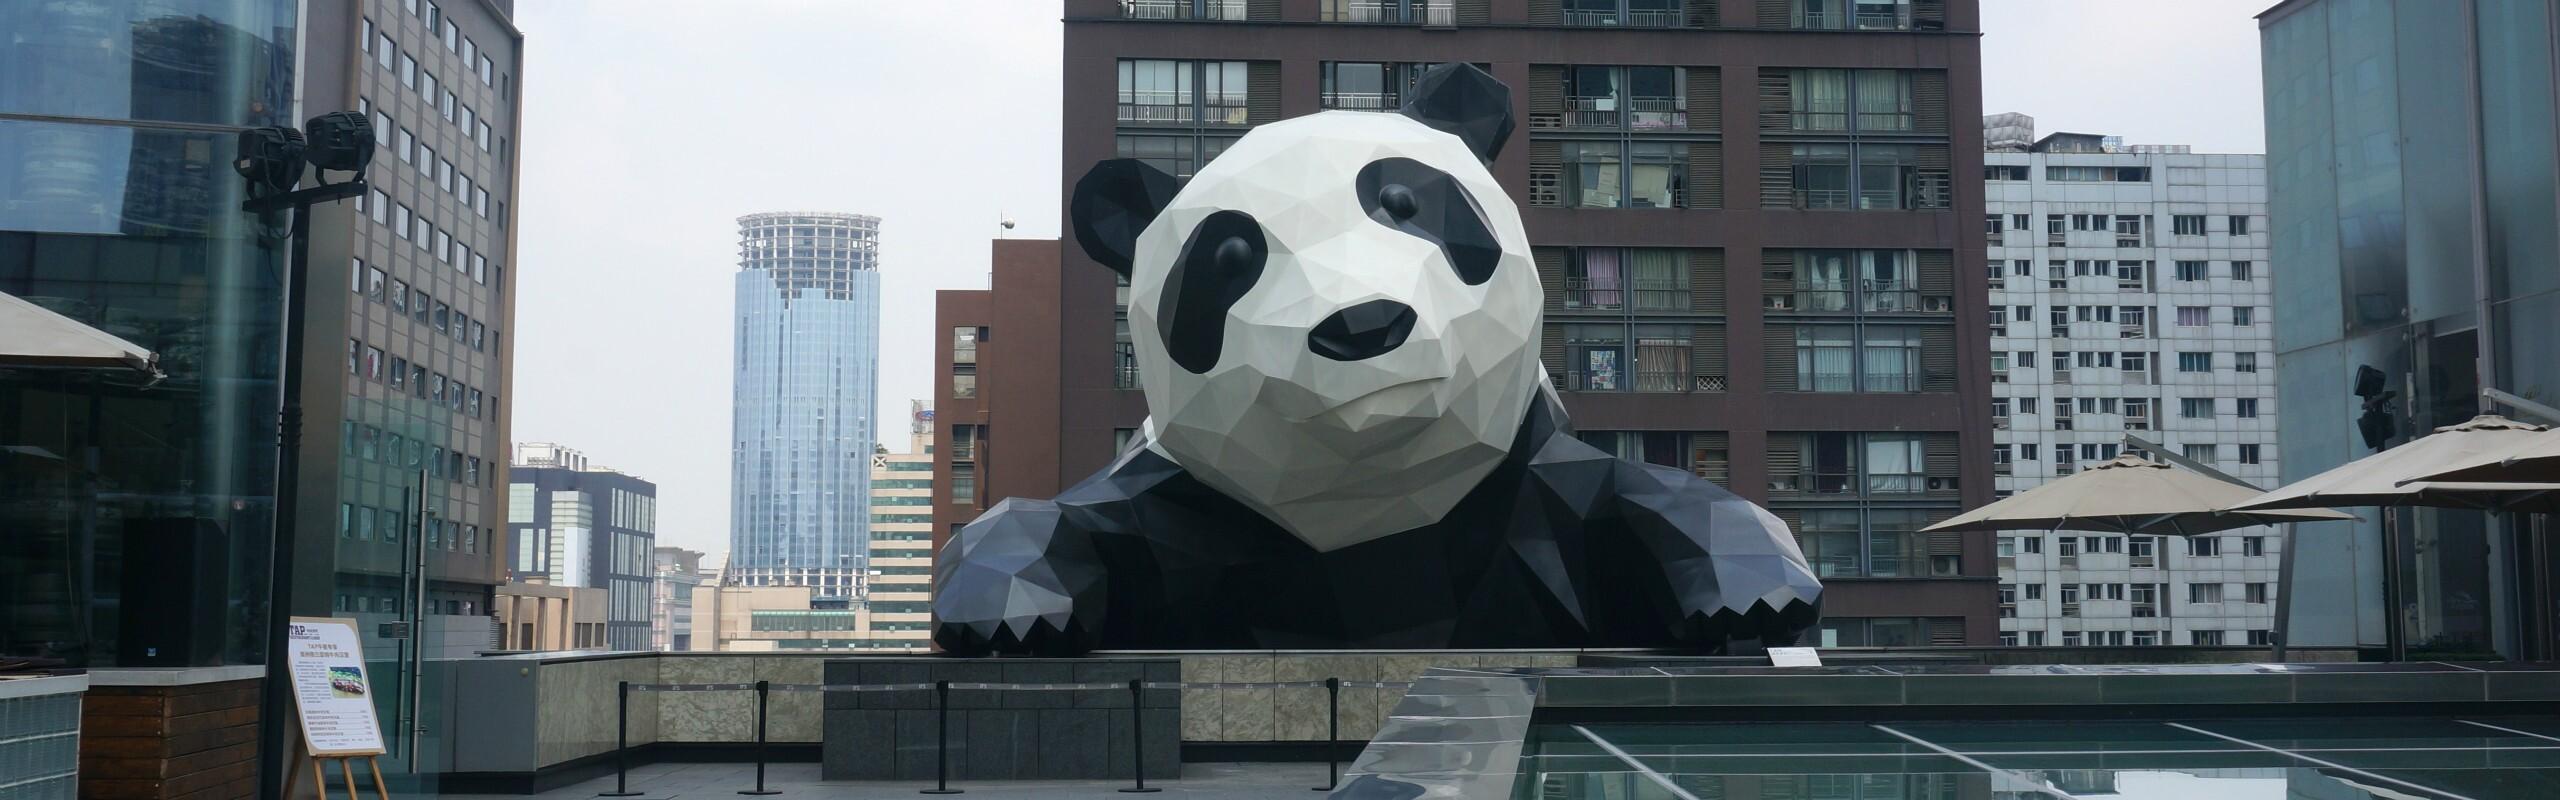 Panda Wonderland Tour